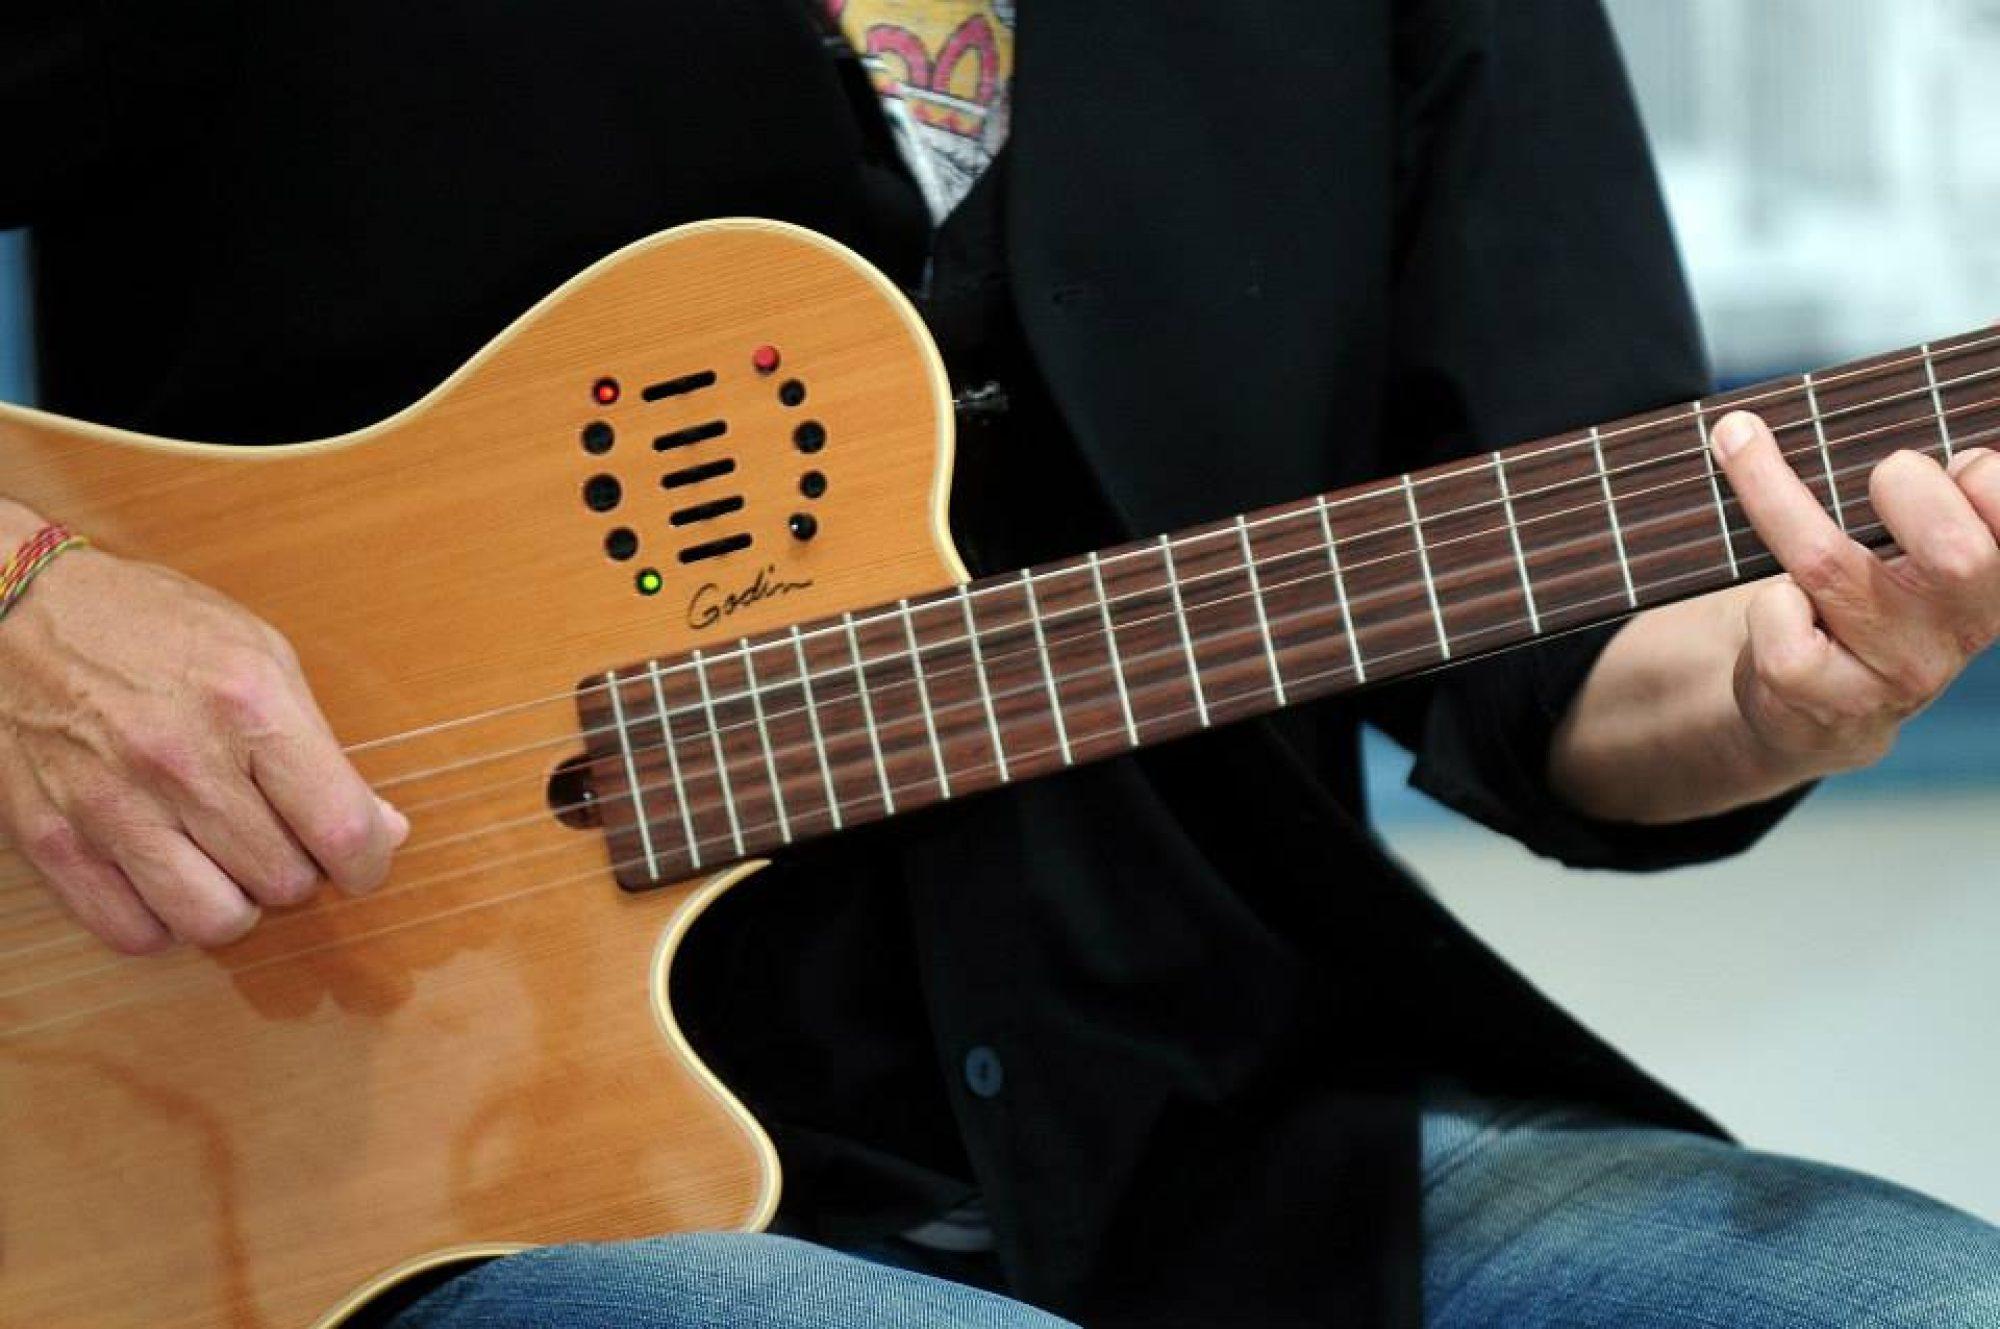 Guitarrista Ibiza - Ibiza Guitar